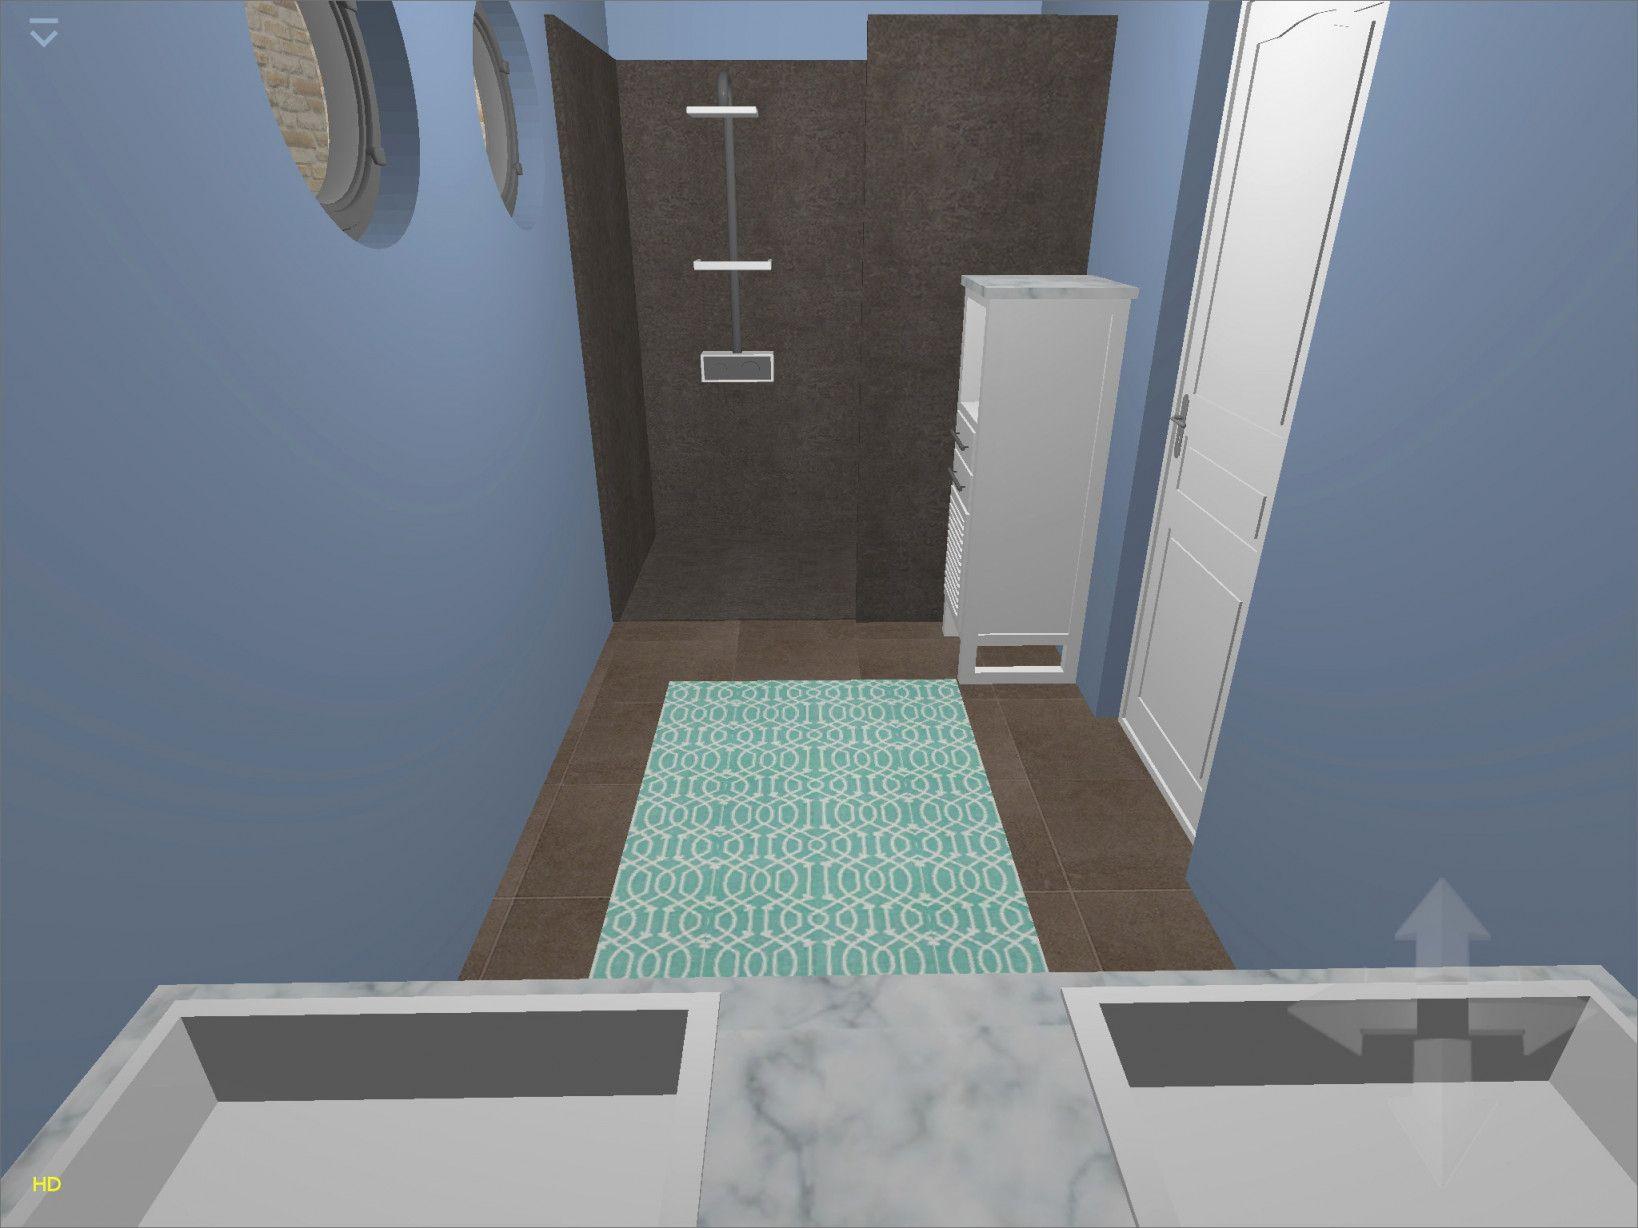 Tablier De Baignoire Universel Tablier De Baignoire Universel Aide Pour Montage Tablier Baignoire 15 Messages Bie Tile Bathroom Bathroom Floor Tiles Bathroom